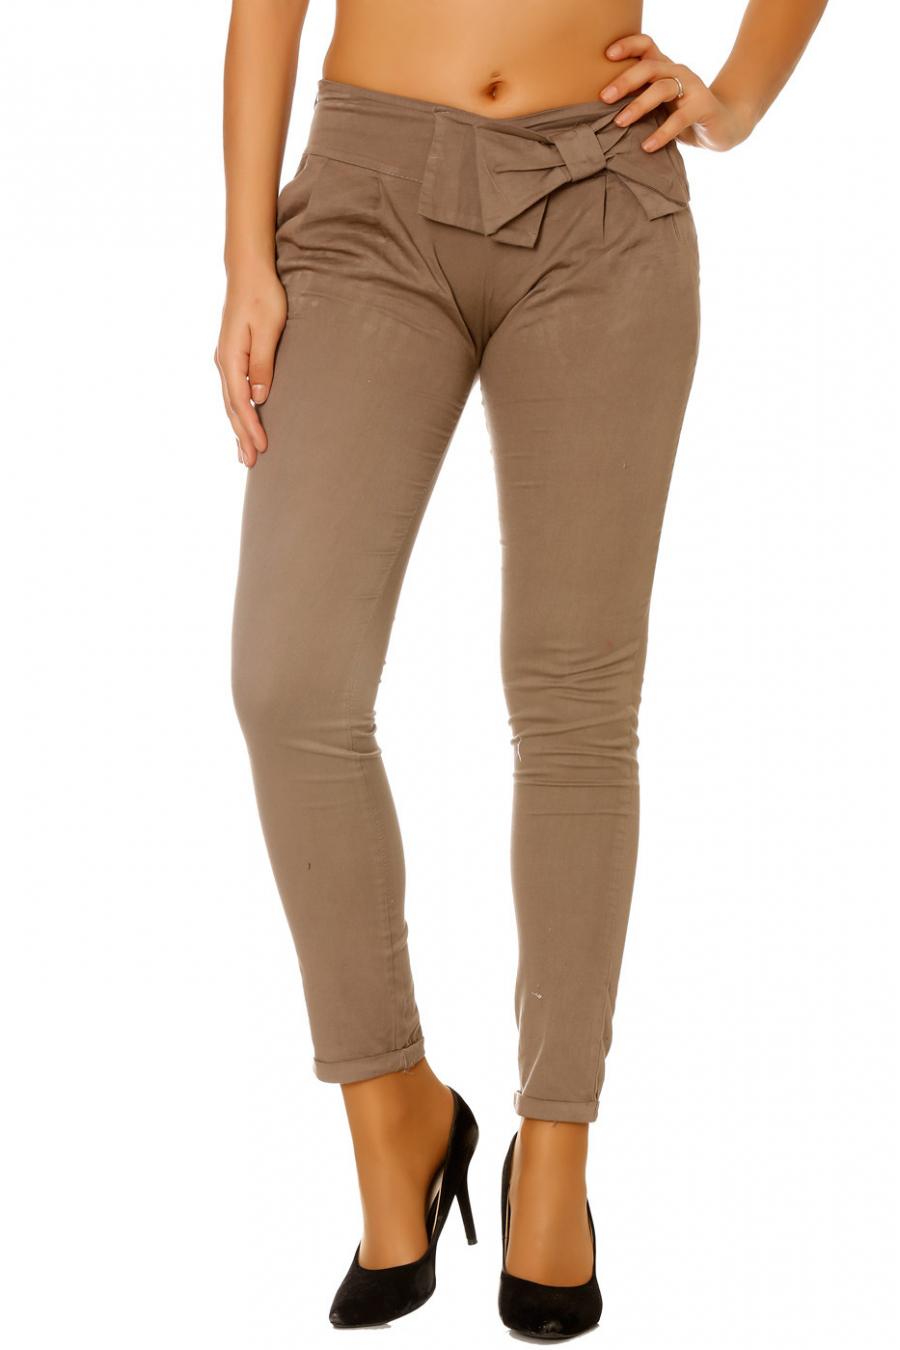 Pantalon taupe avec papillon a la taille. Pantalon femme pas cher